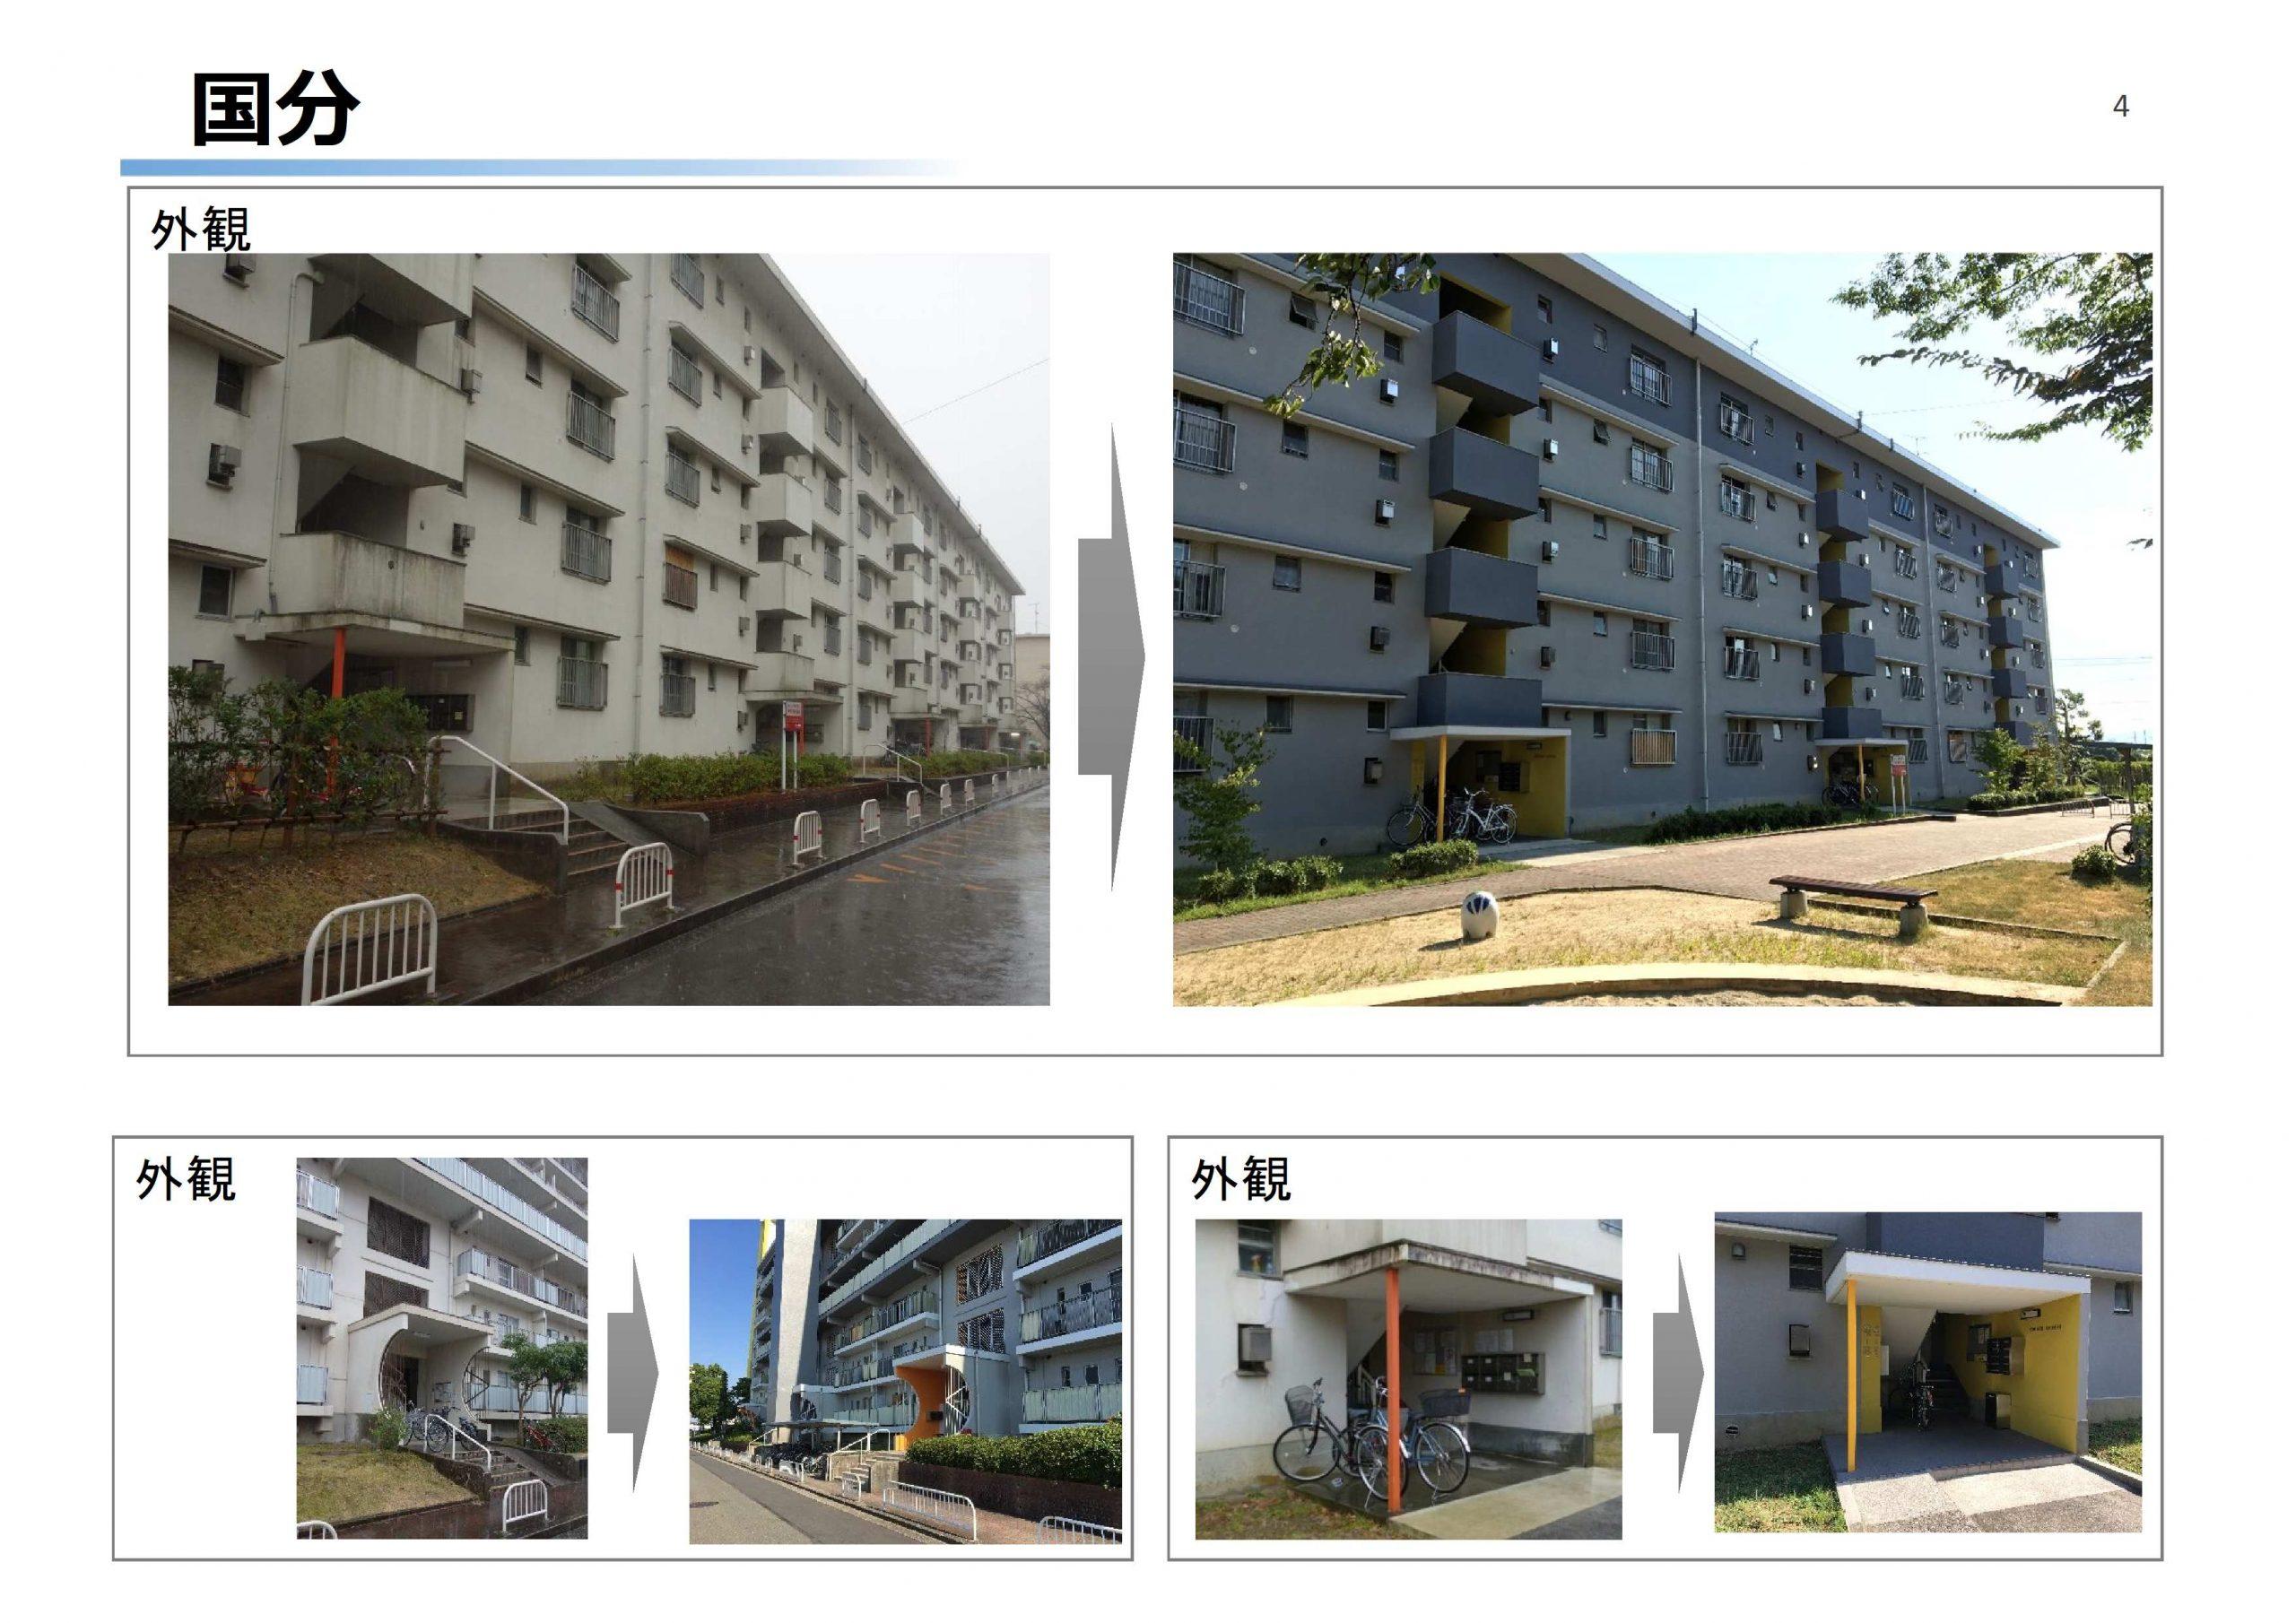 外壁修繕の機会を利用した団地の外壁色彩計画等の検討